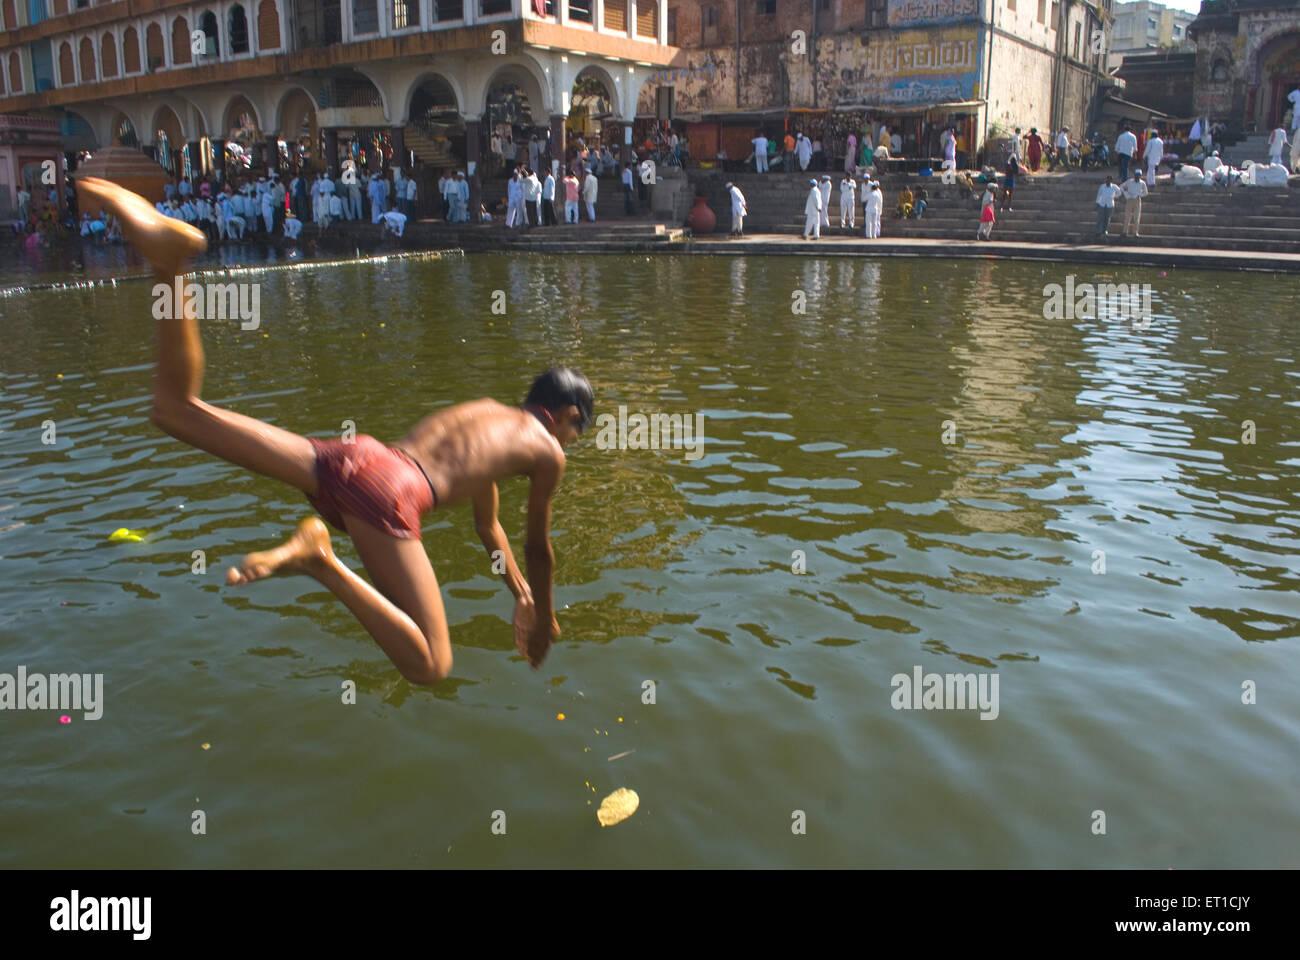 naked boy in river Boy diving in godavari river ; Ramghat ; Nasik ; Maharashtra ; India MR#704